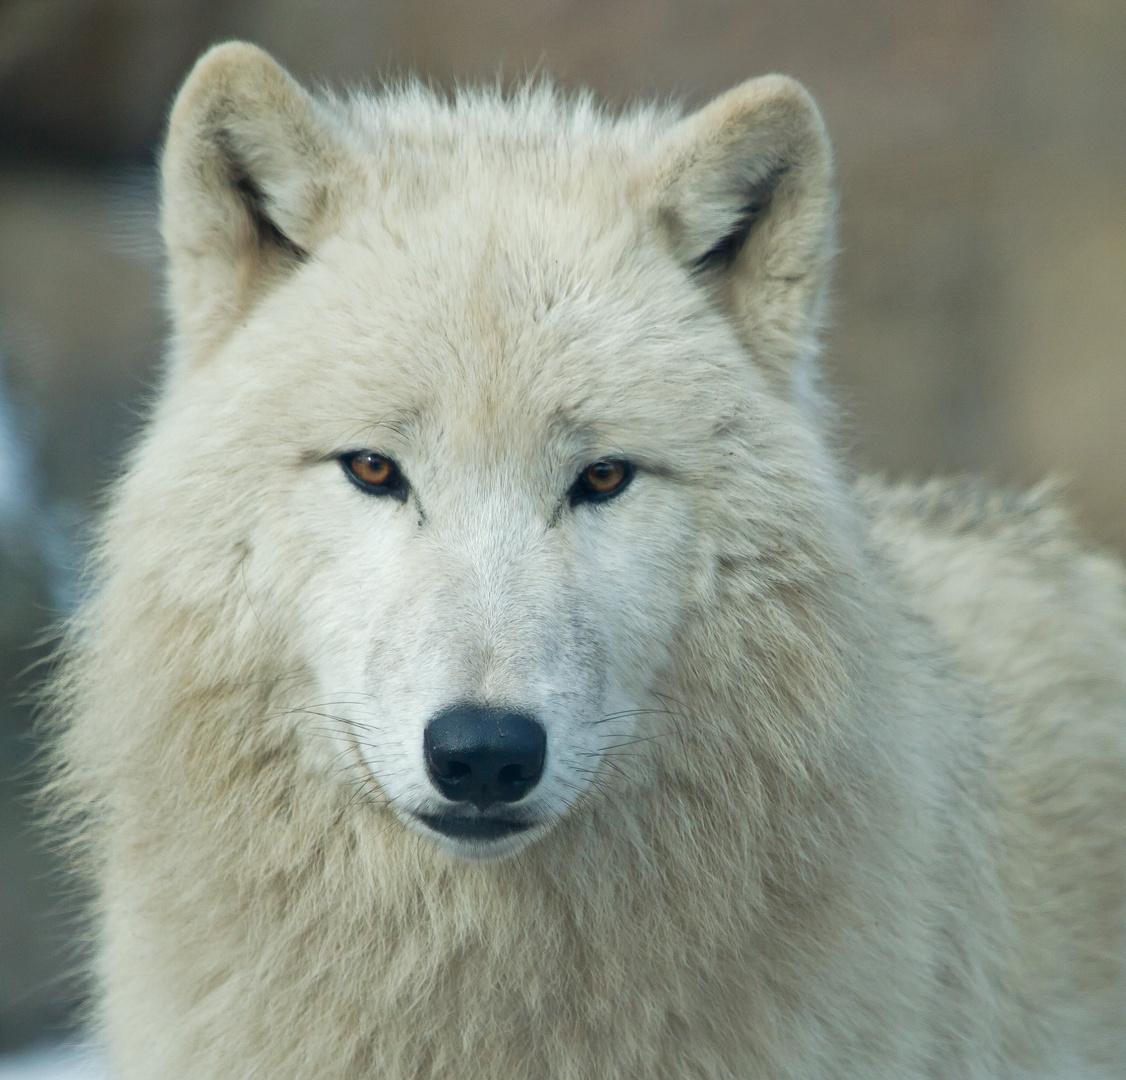 wei er wolf foto bild tiere zoo wildpark falknerei s ugetiere bilder auf fotocommunity. Black Bedroom Furniture Sets. Home Design Ideas